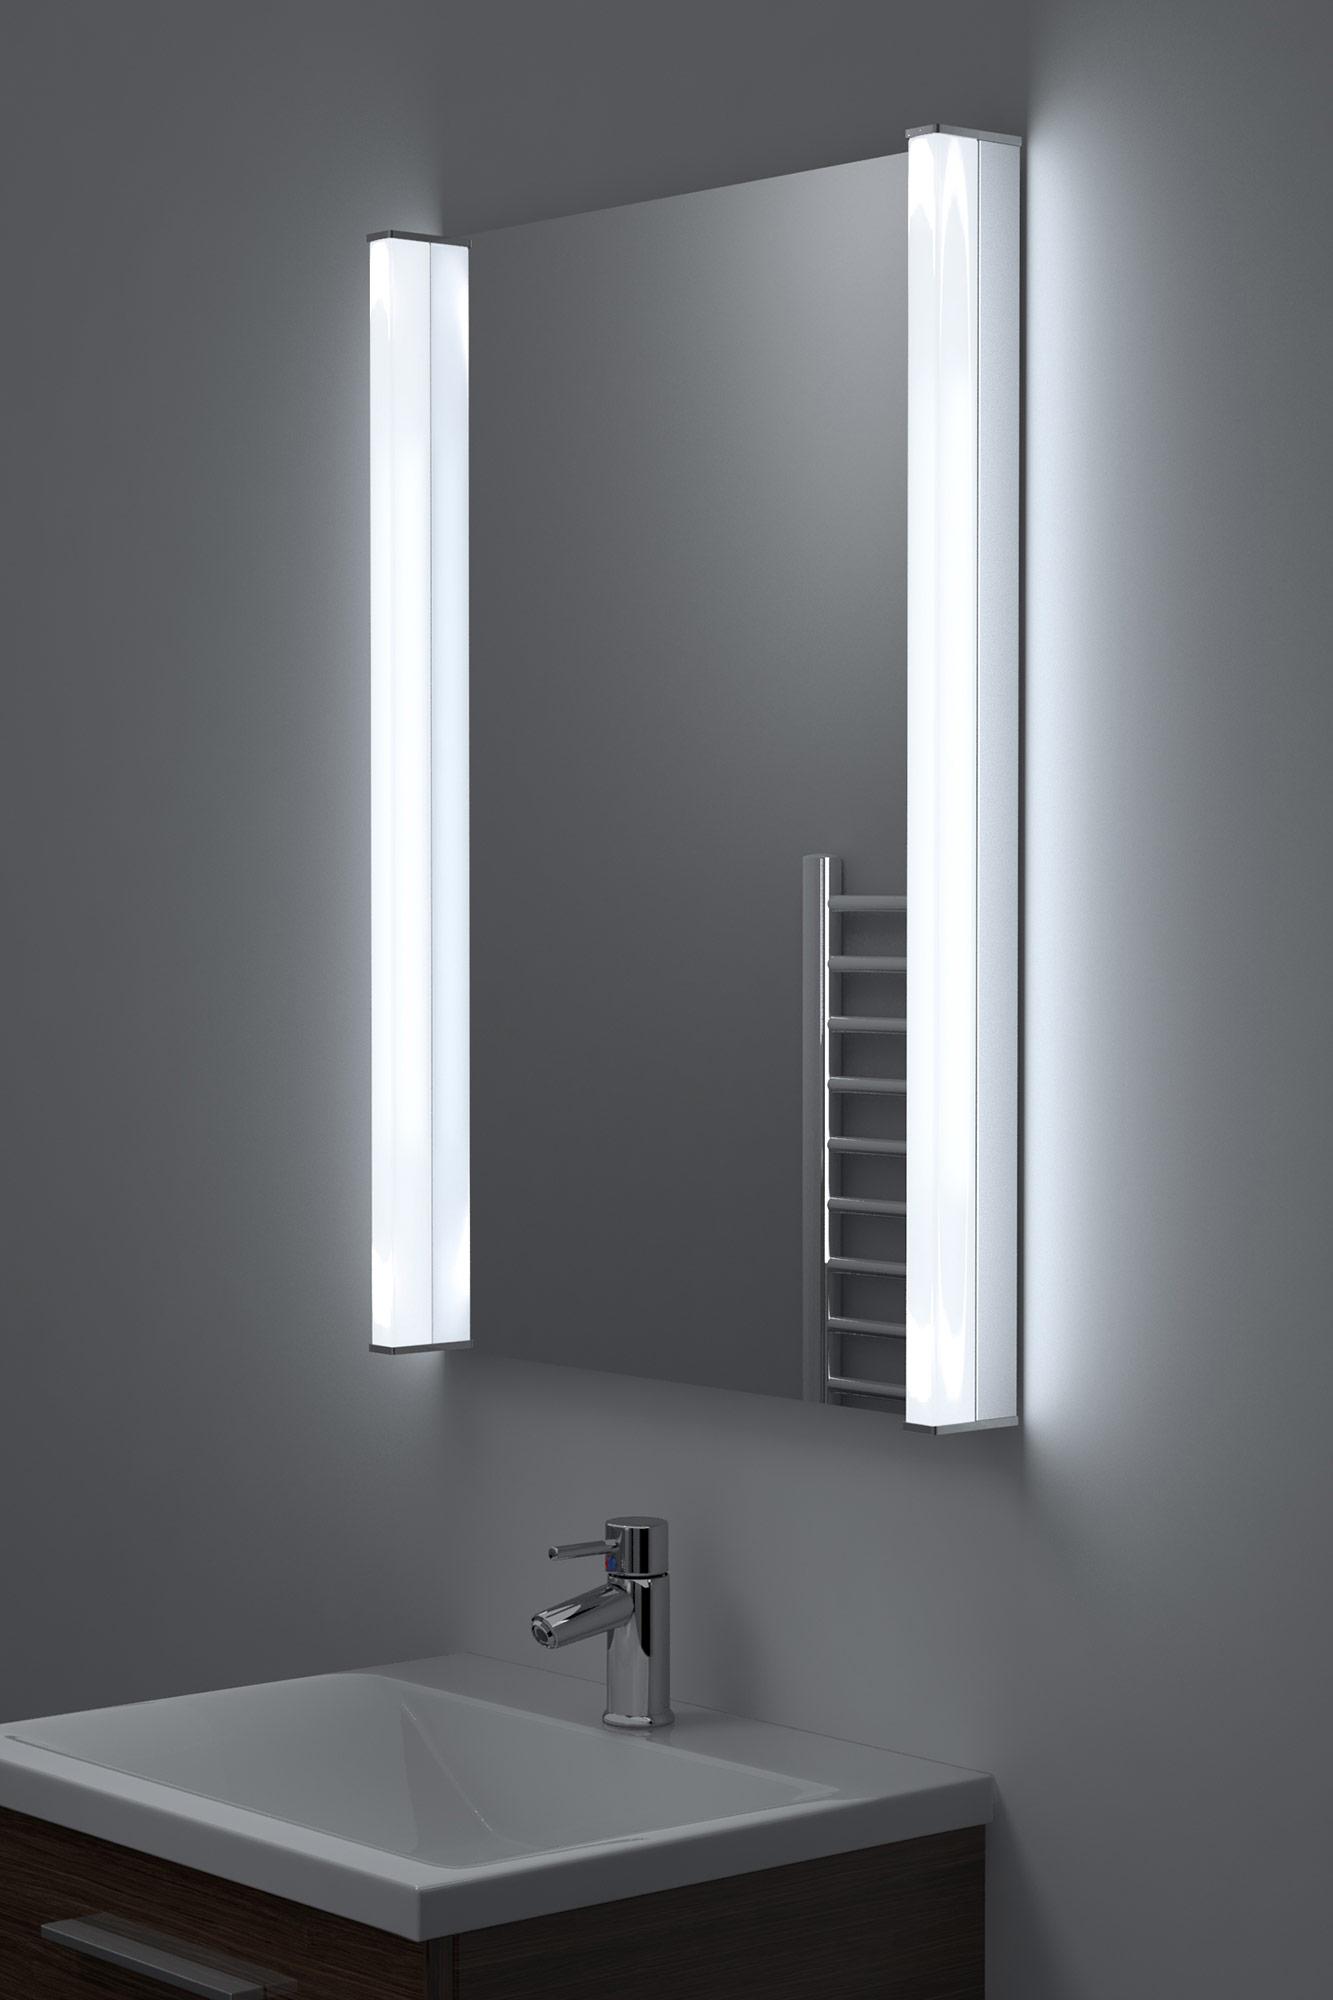 specchio bagno extra luminoso a led per rasatura